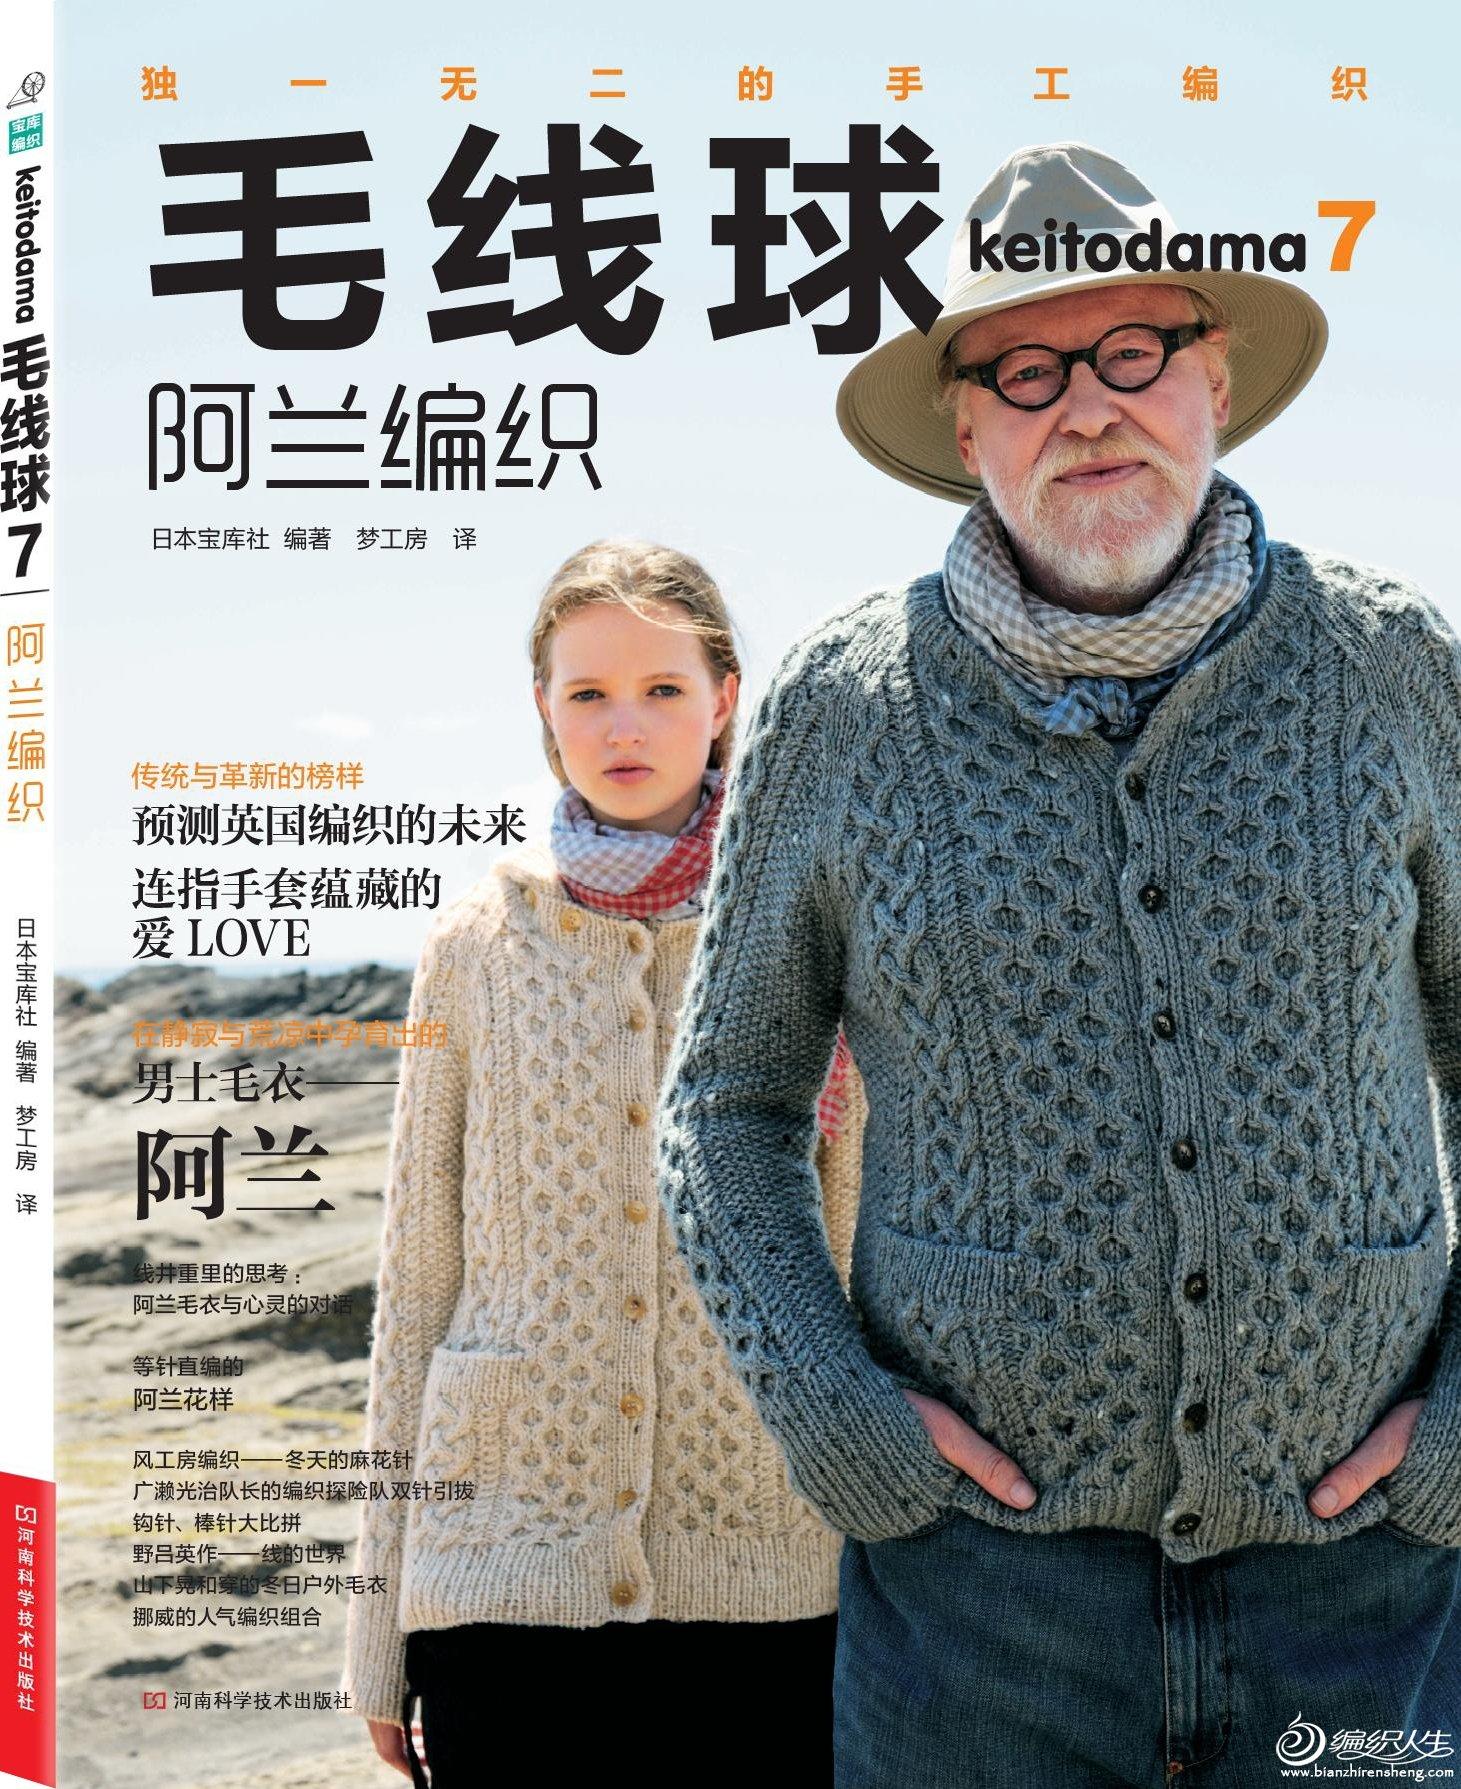 《毛线球7, 阿兰编织》冬季加厚版(日本宝库编织大师精心设高清图片